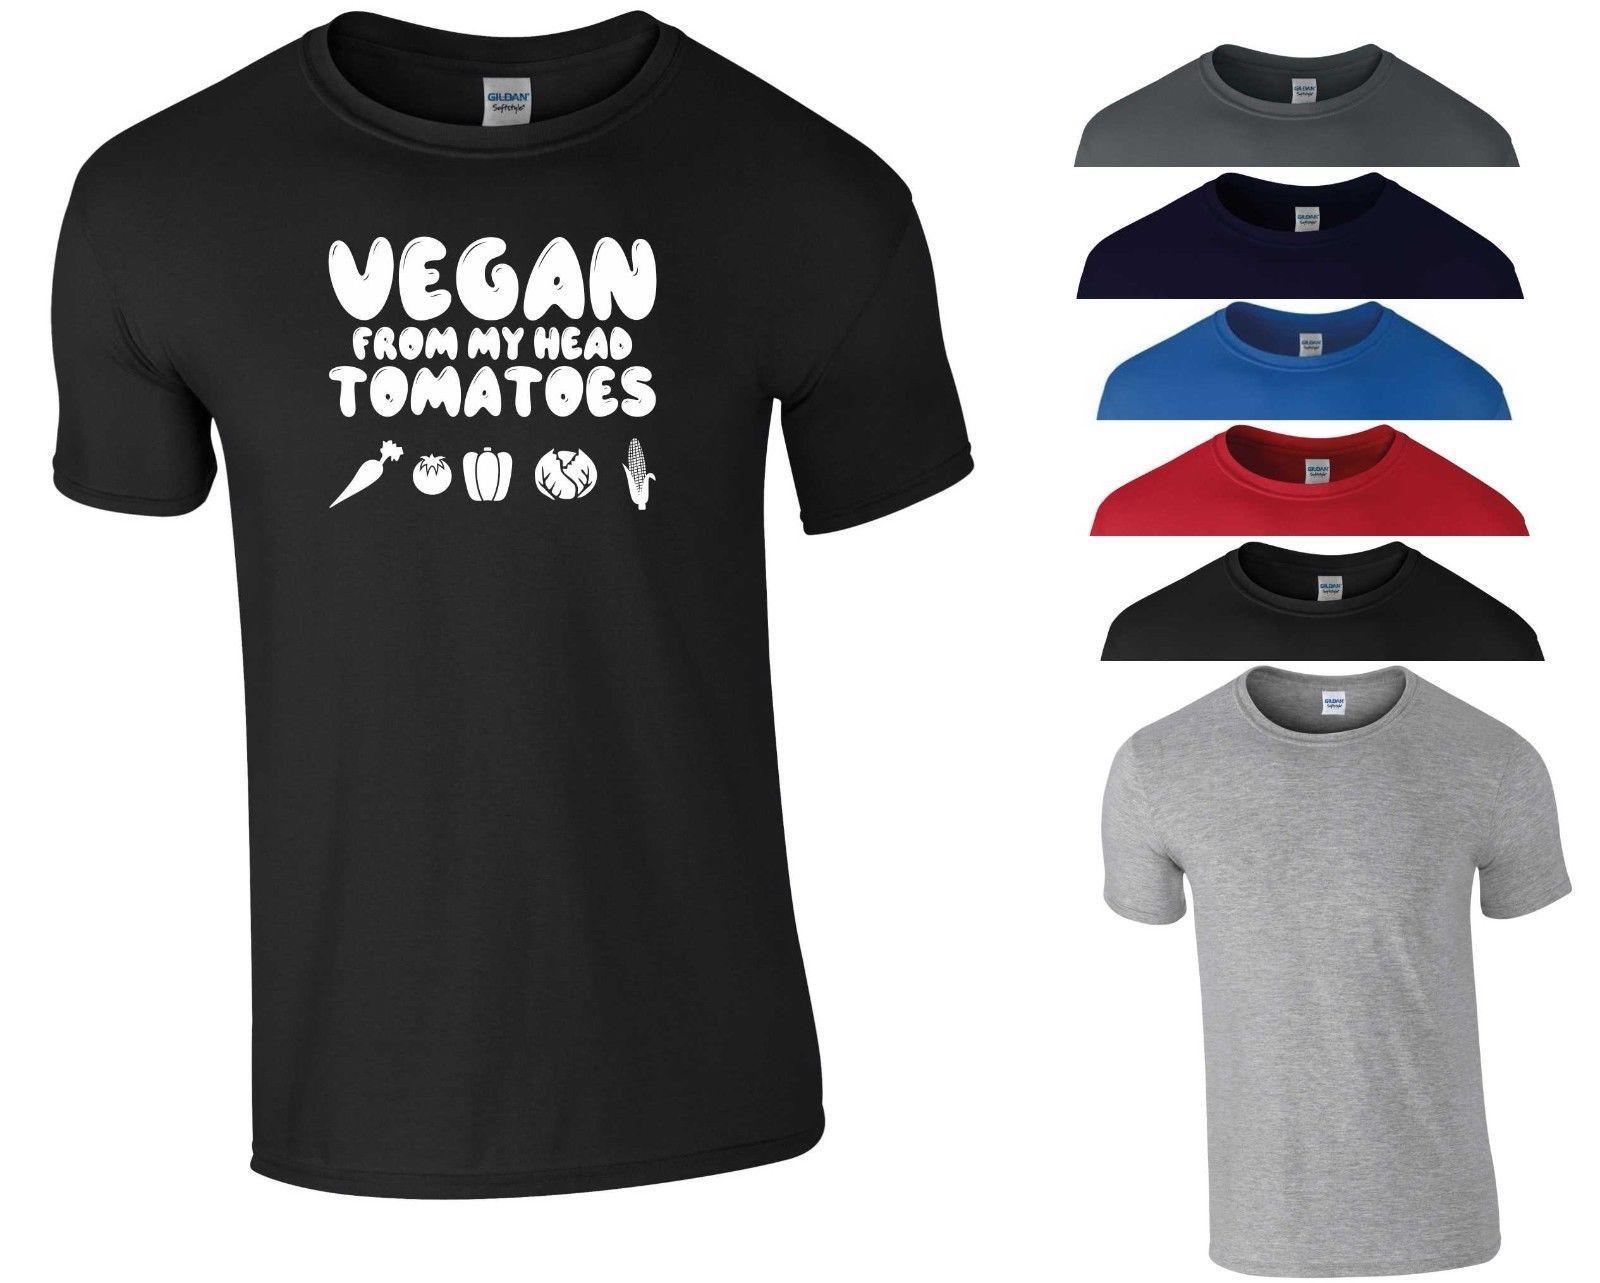 71a4282714 Compre Camiseta Vegetariana Vegano De Mi Cabeza Tomates Food Fashion Funny  Gift Men Top A  11.01 Del Fmshirt